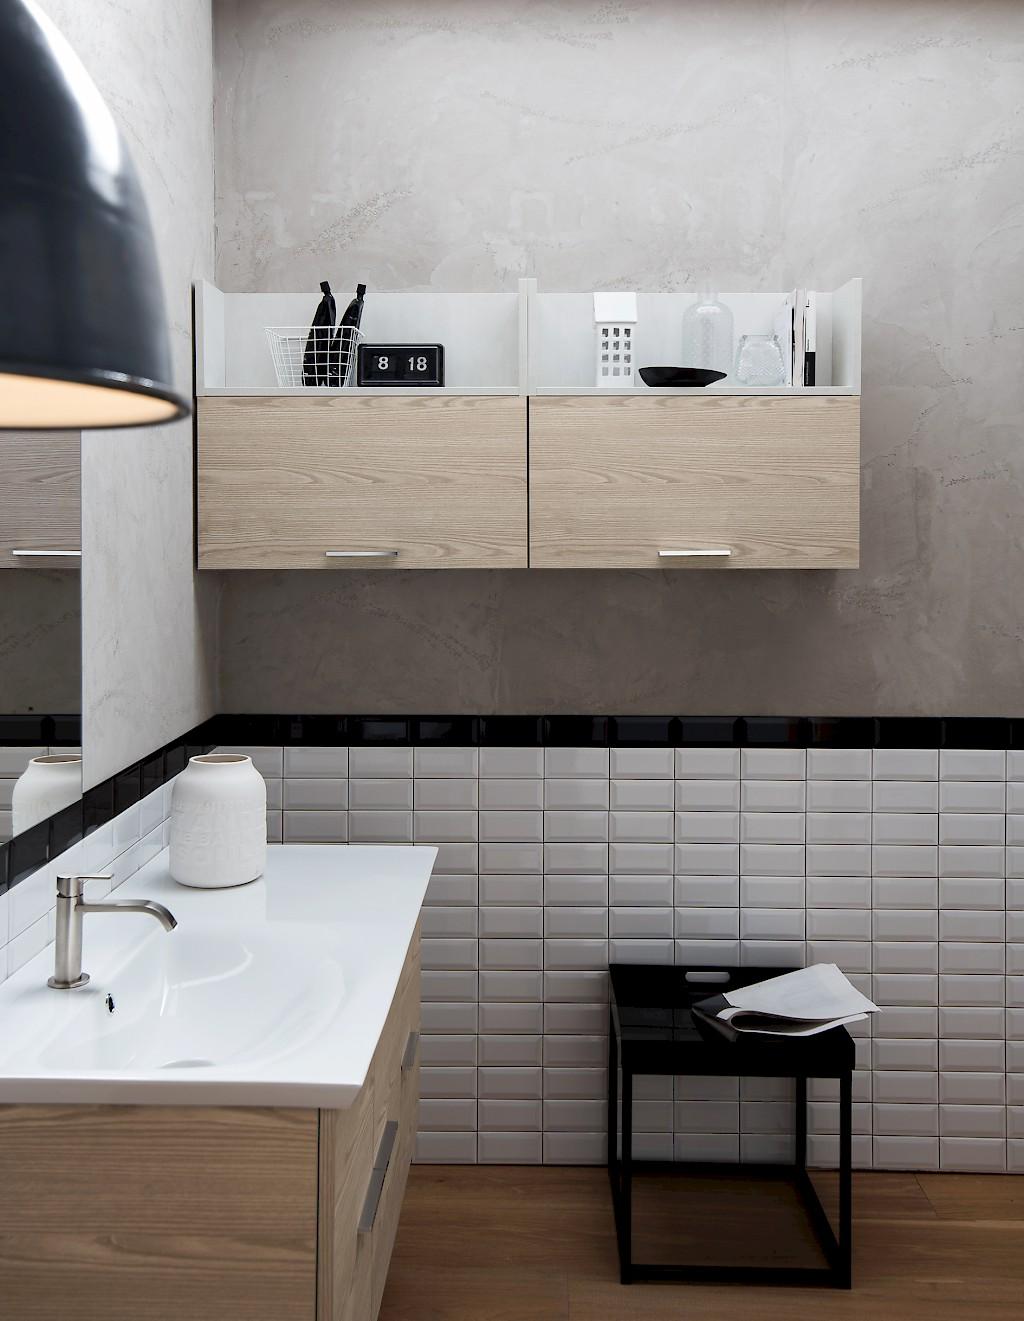 B201 74 life mobile arredo bagno design l 110 5 140 x p 54 20 8 cm personalizzabile compab - Bagno largo 110 cm ...